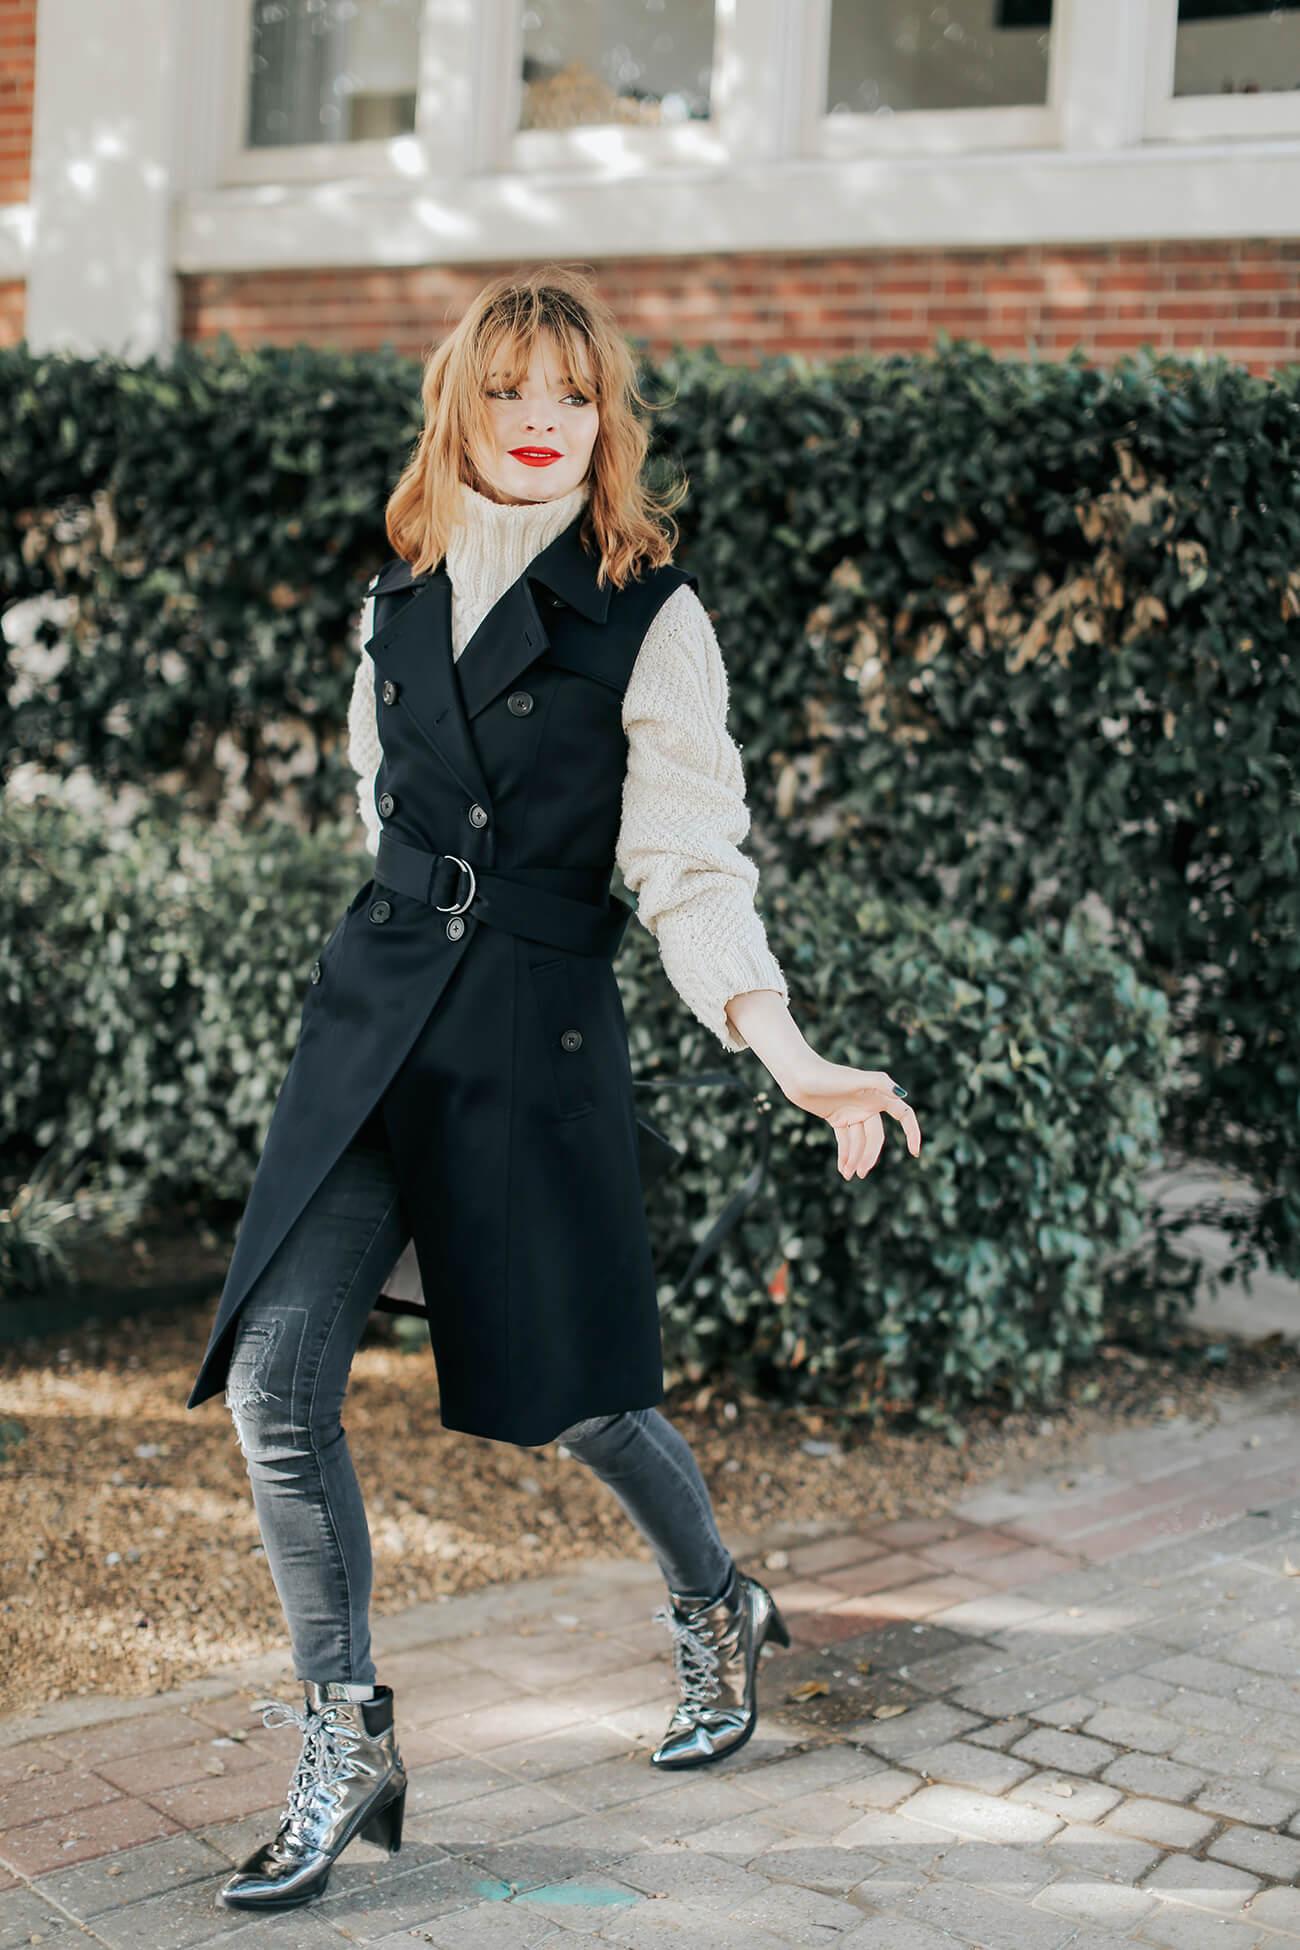 Stuart Weitzman x Gigi Hadid boots